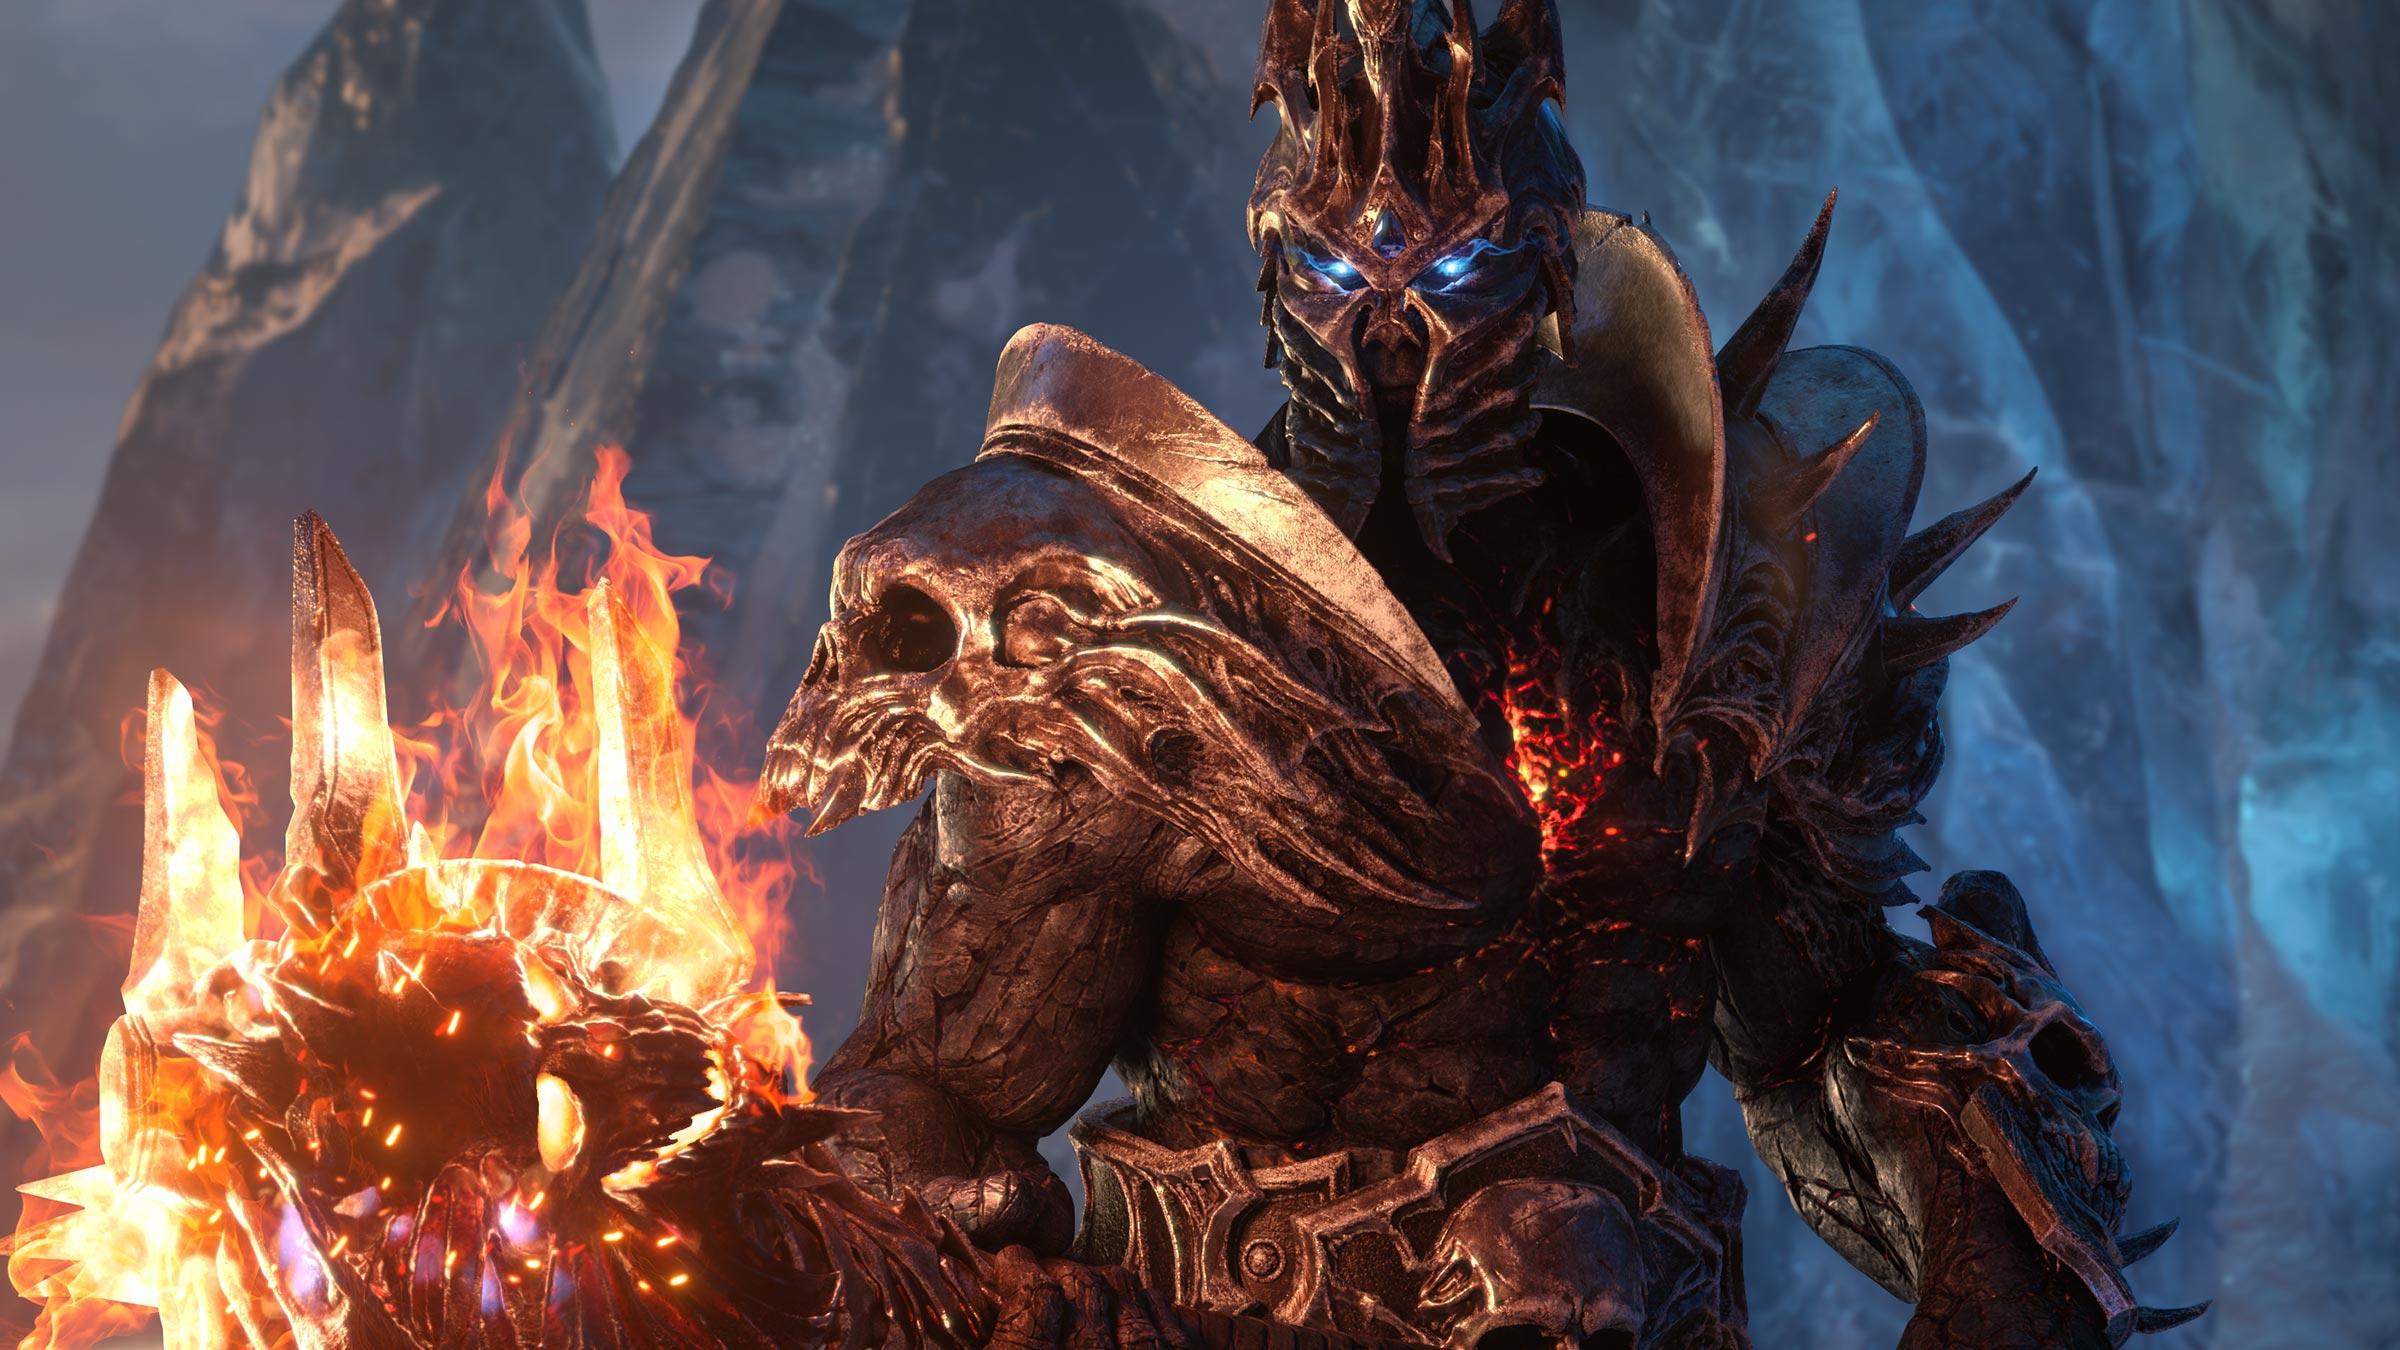 暴雪官方确认,多款《魔兽世界》手游正在深度开发中